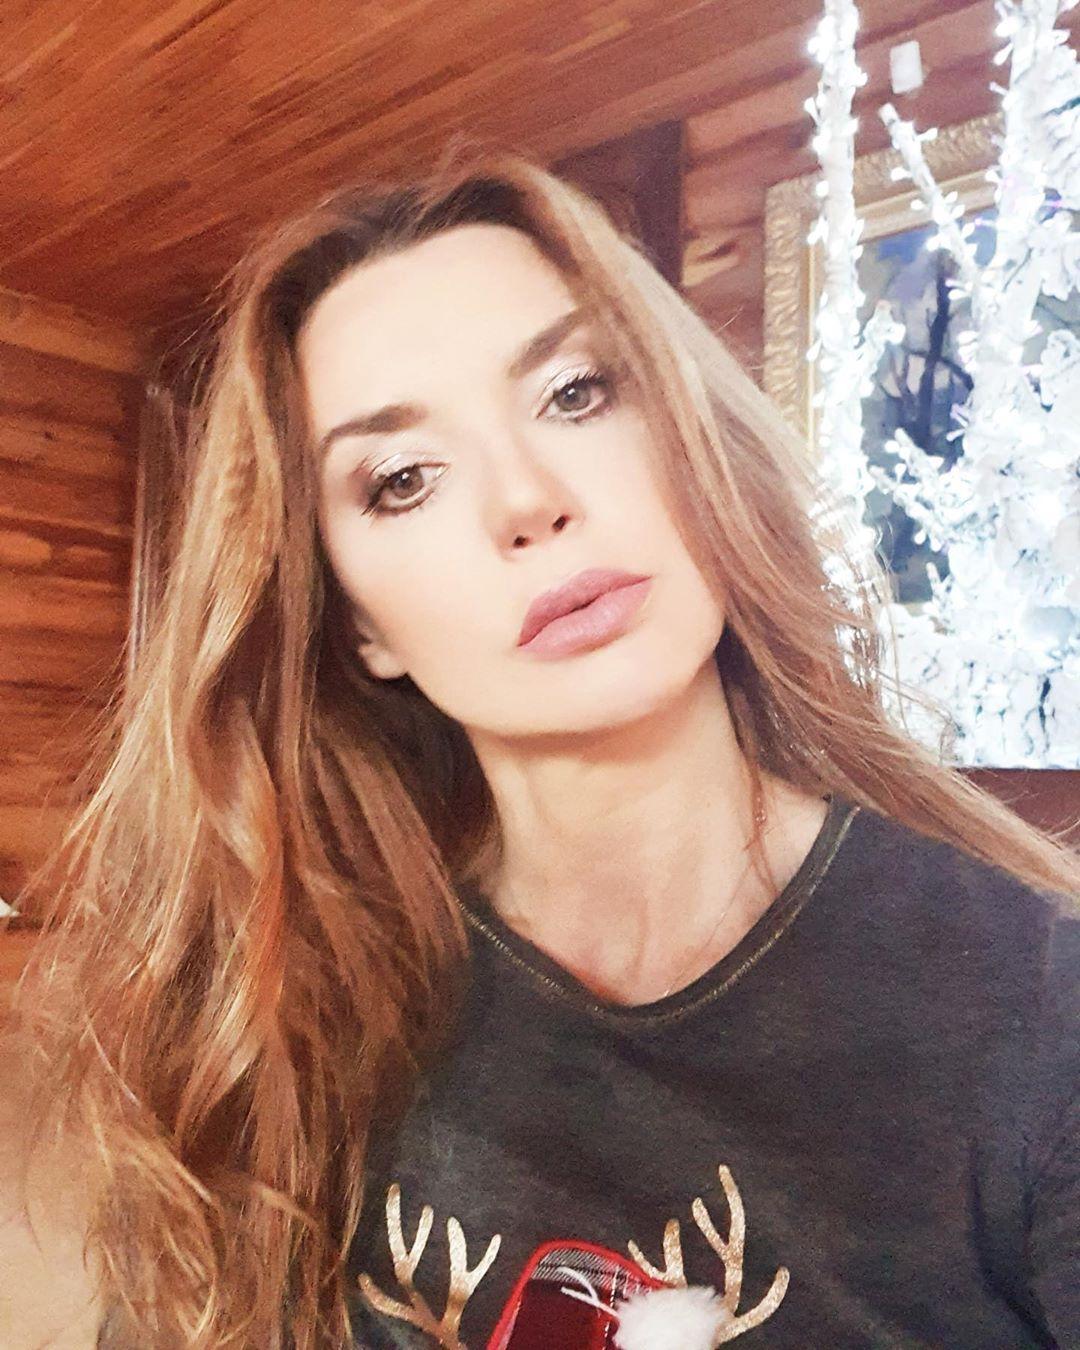 Тренер не пострадал: Оксана Марченко показала агрессивную тренировку